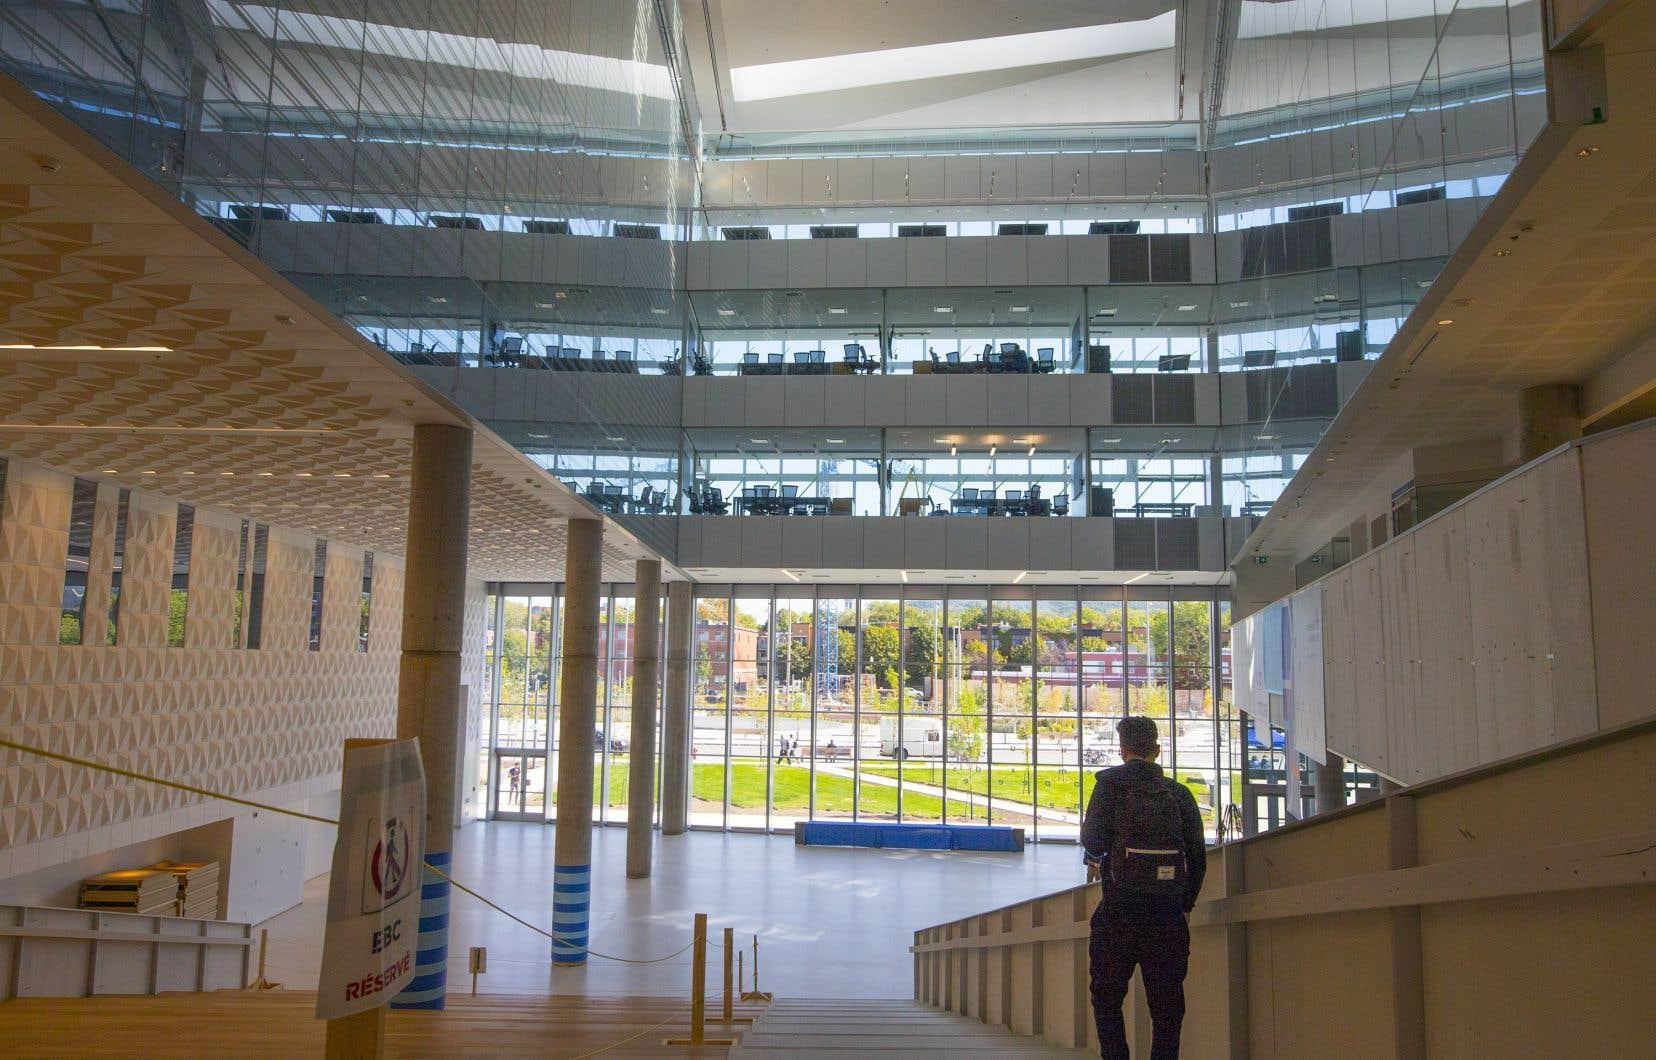 Ainsi, selon les projections de Statistique Canada, les universités pourraient perdre de 0,8% à 7,5% de leurs revenus.